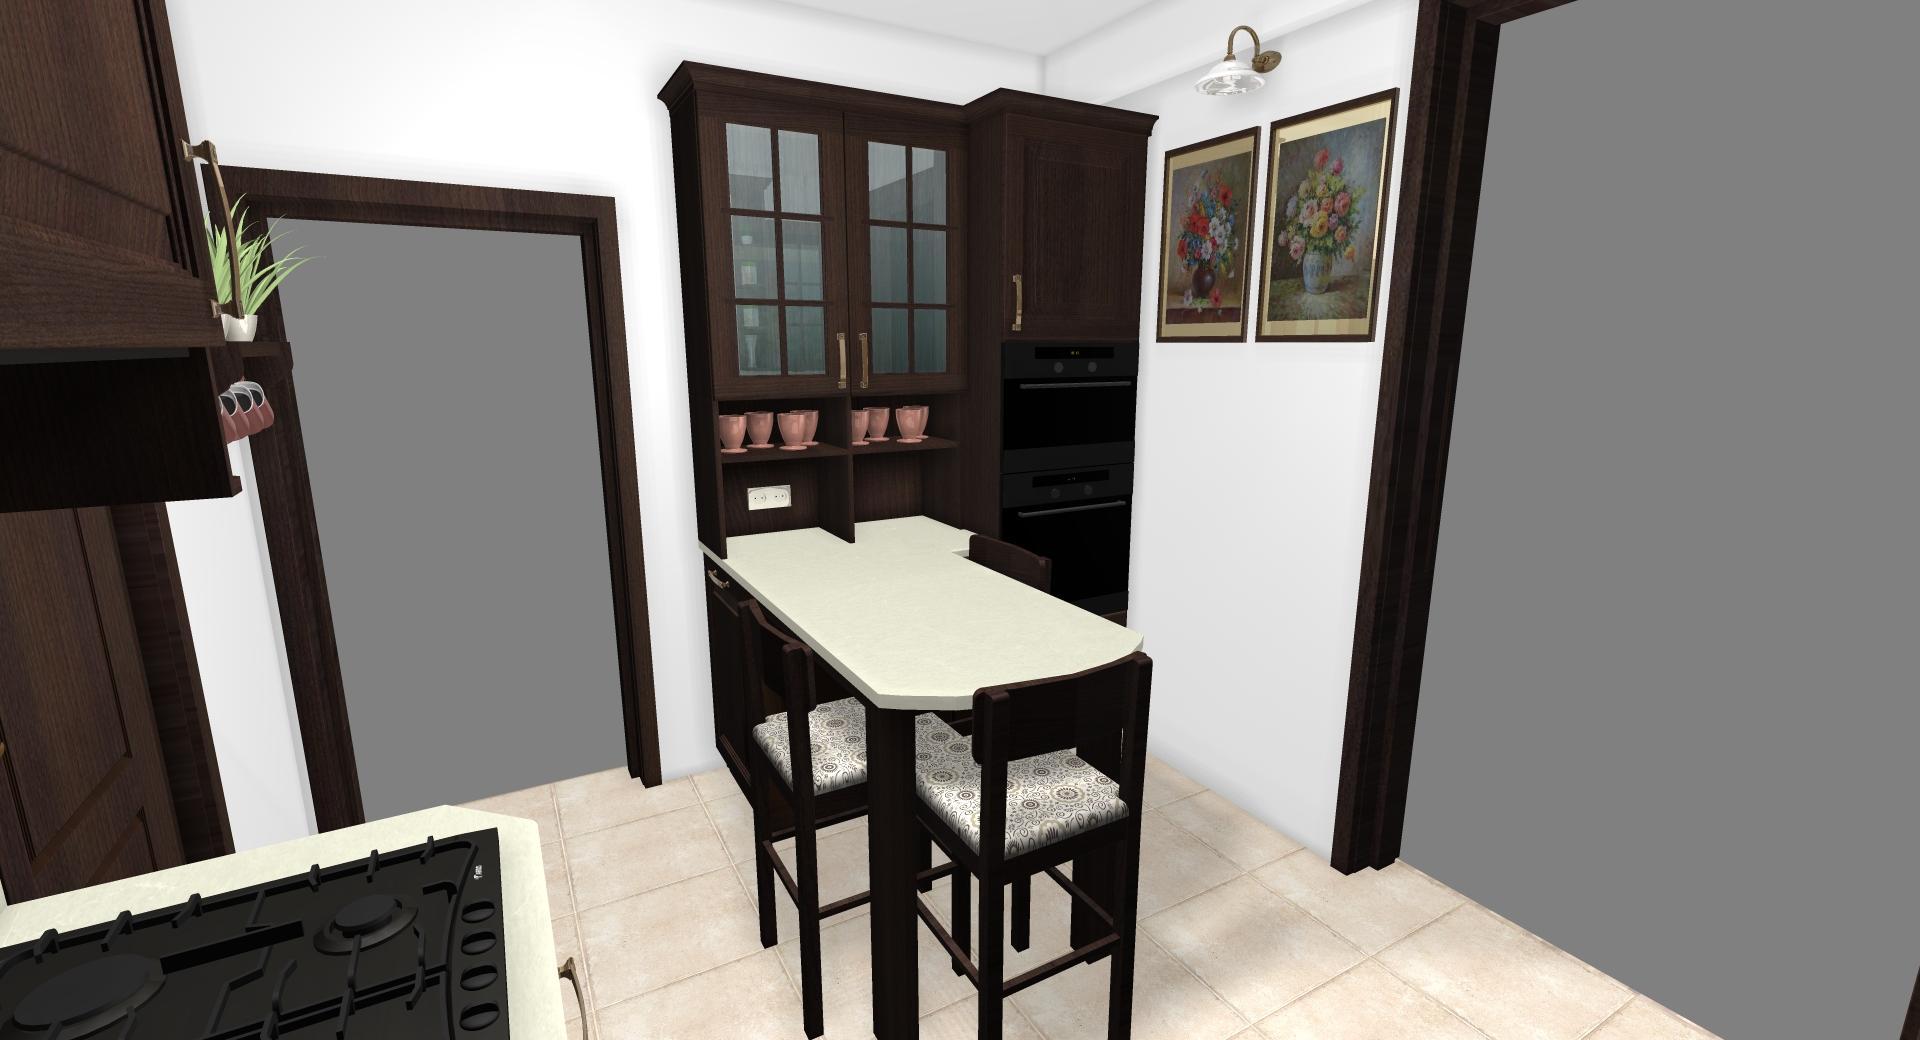 Grafické návrhy kuchynských liniek 2020 - Grafický návrh kuchynskej linky do rodinného domu v rustikálnom štýle - obr.5